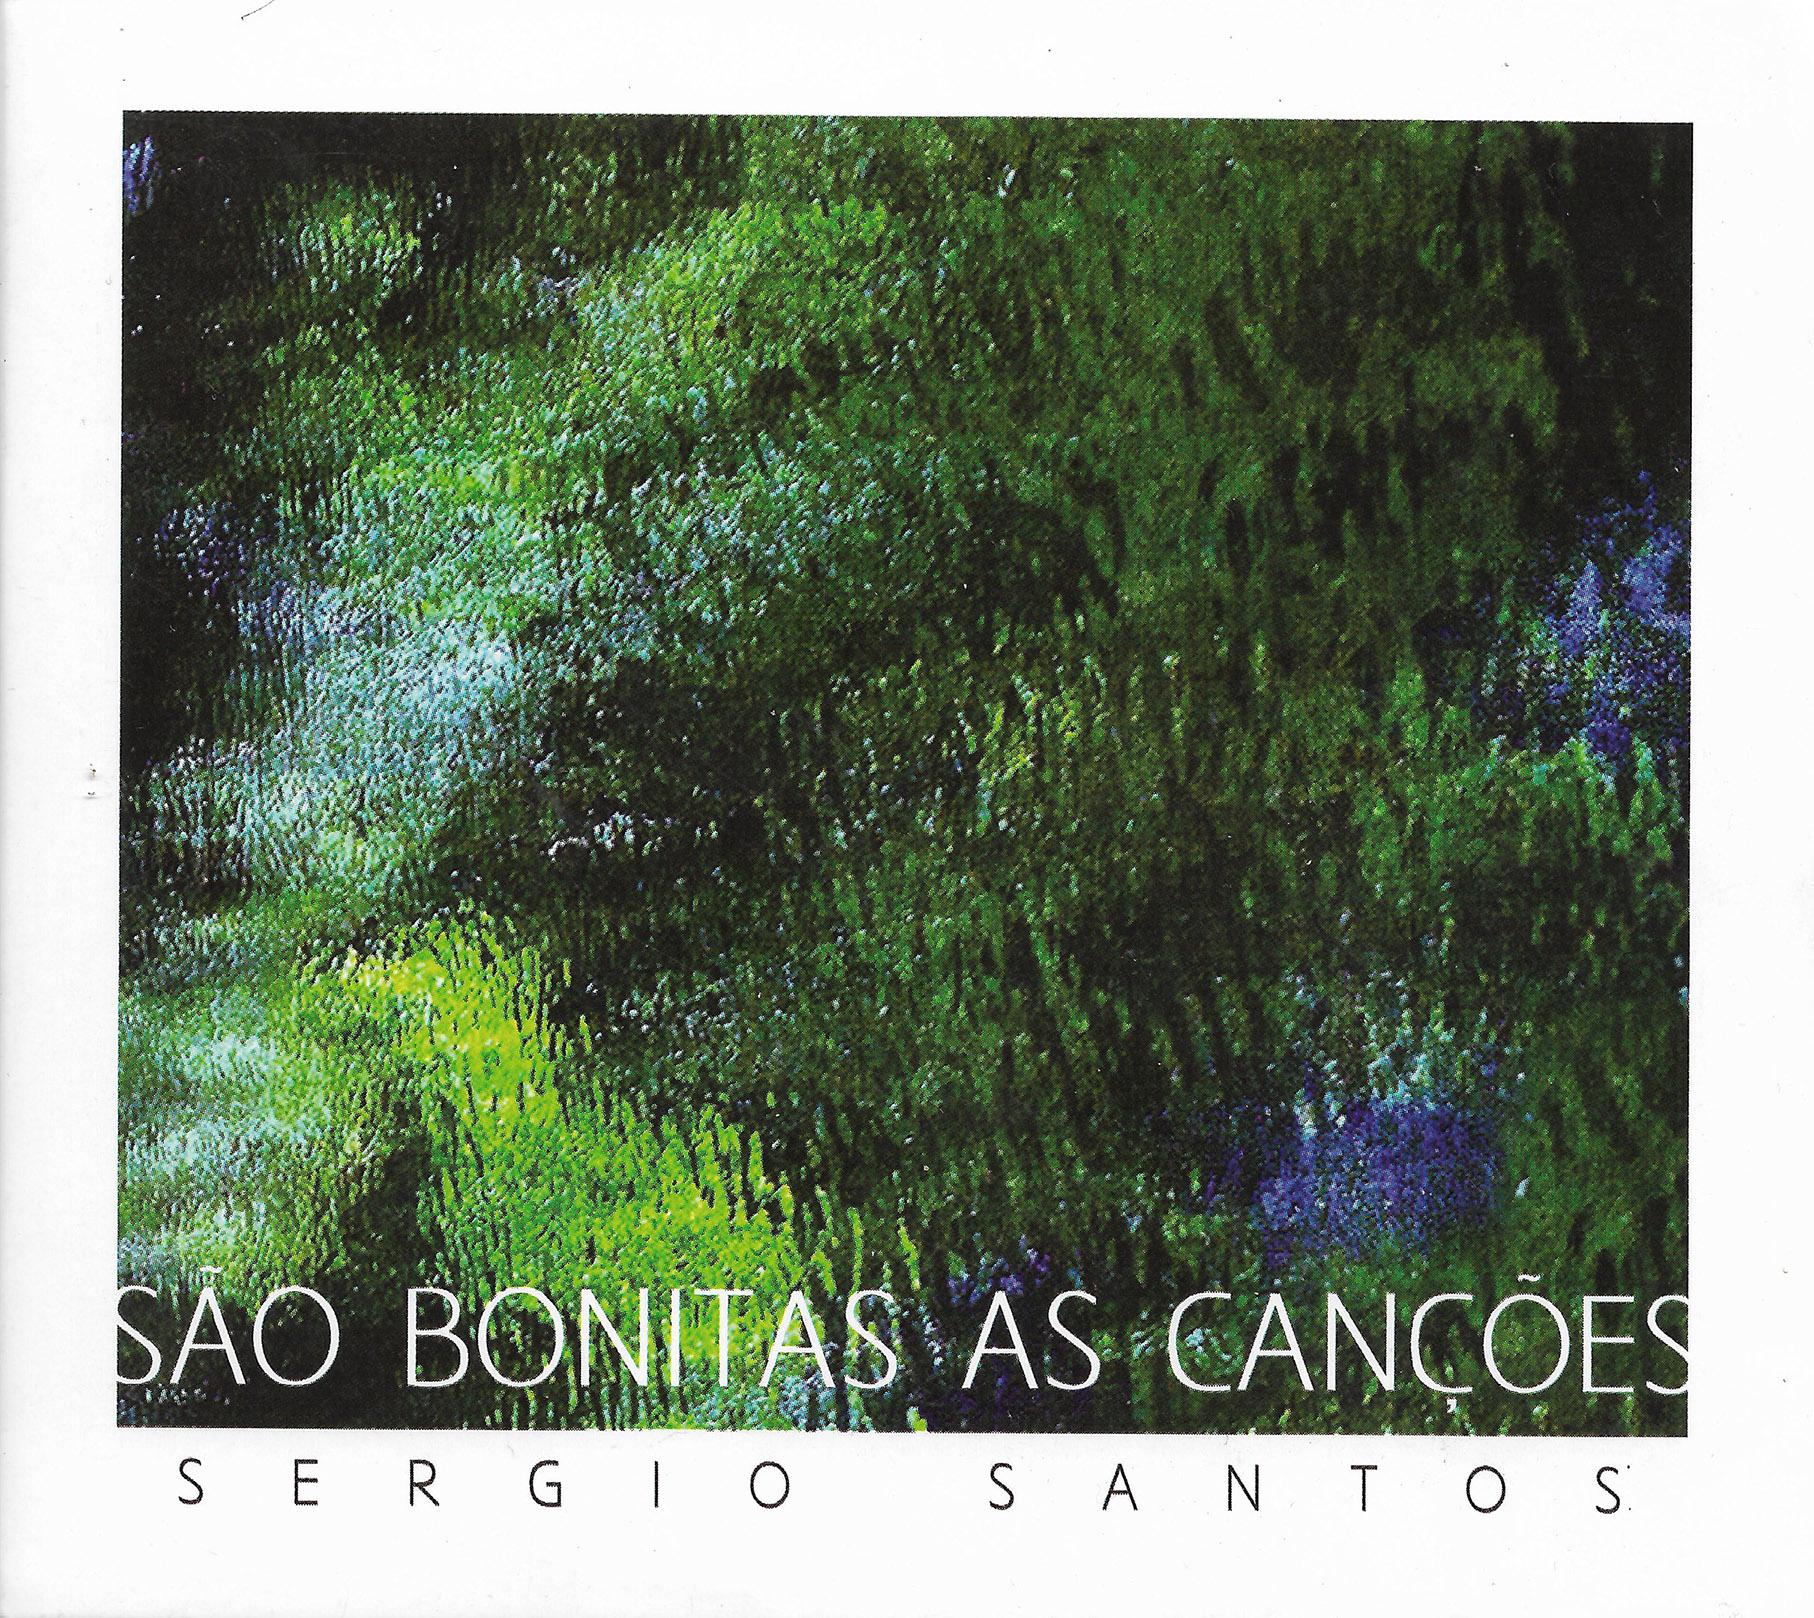 Capa CD Sérgio Santos  São Bonitas as Canções  O lindo CD de um cantor admirável